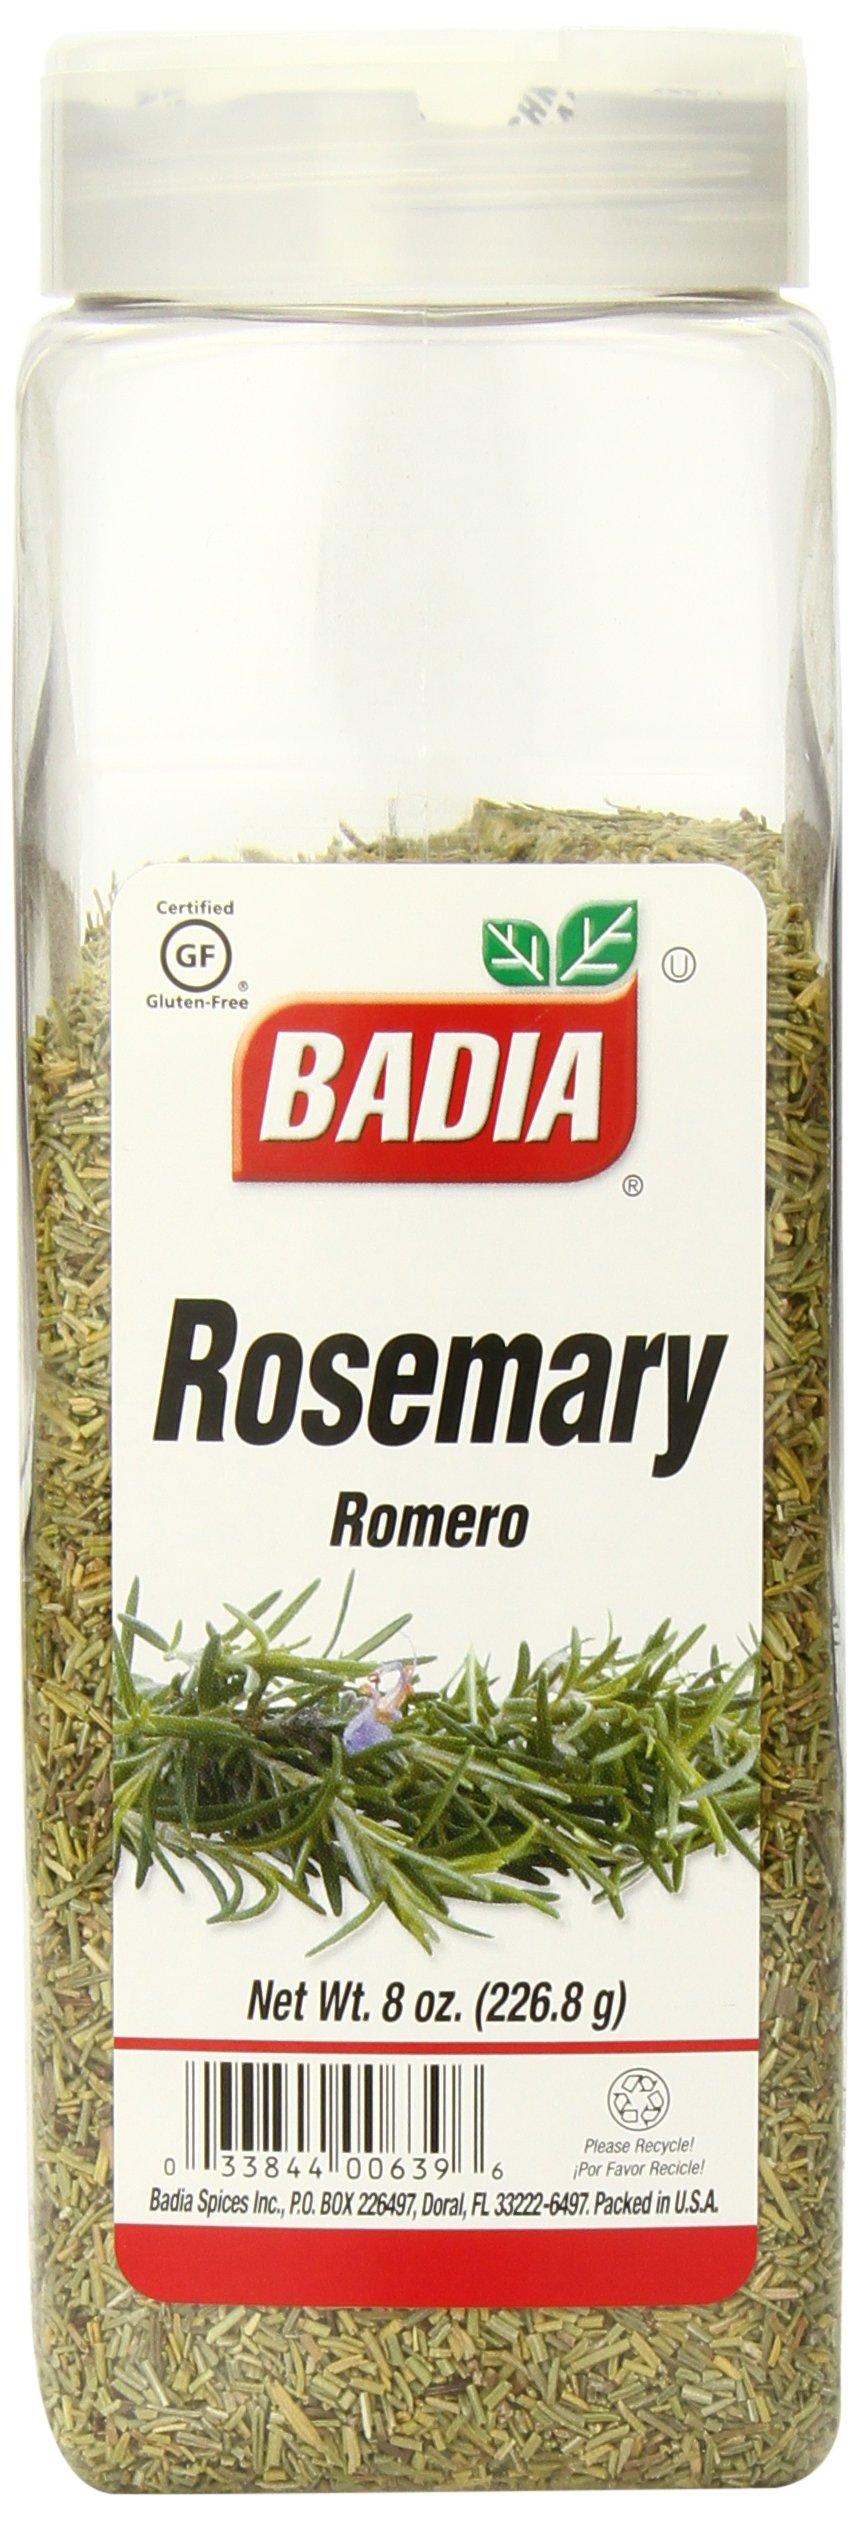 Badia Rosemary Leaves, 8 Ounce (Pack of 6)